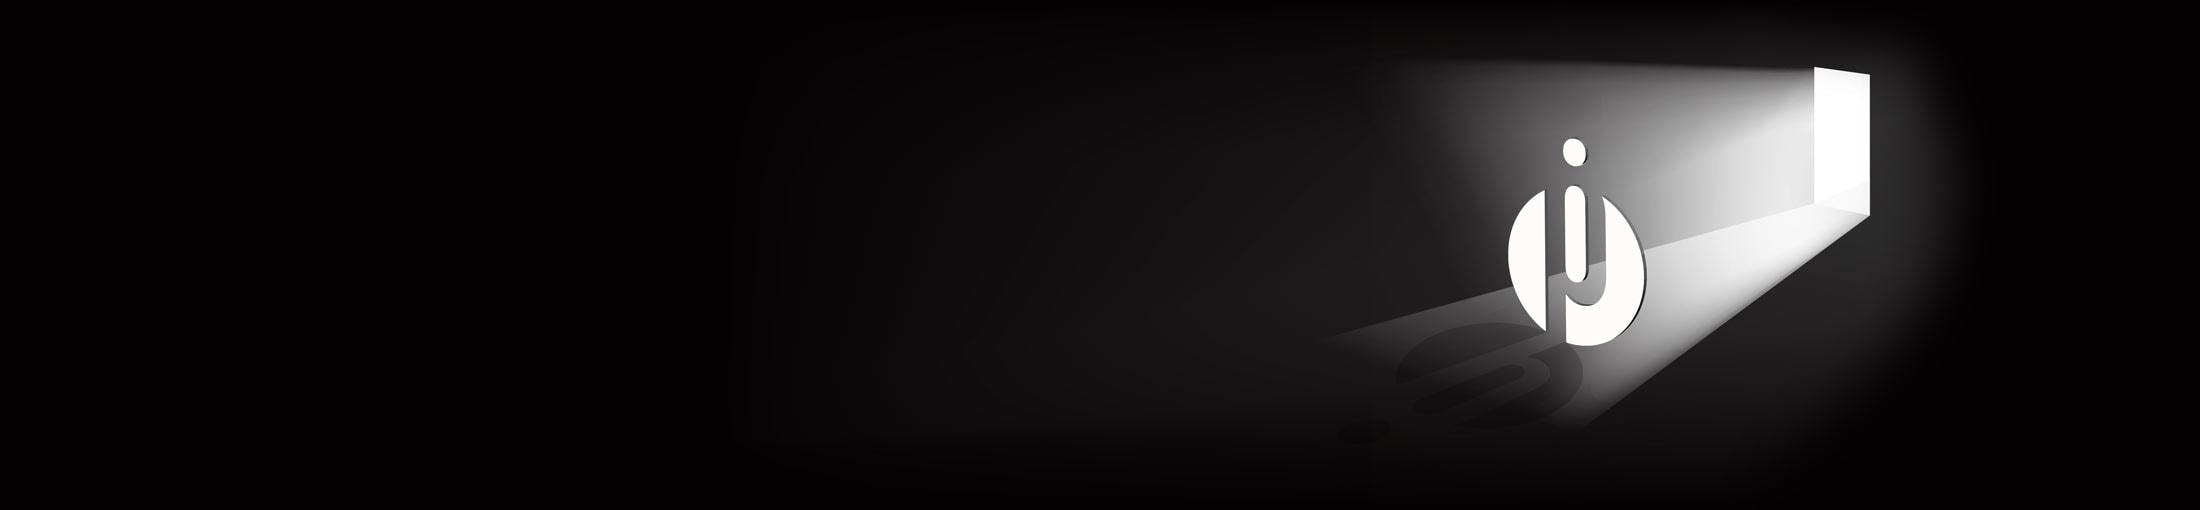 Ingo Porsche, Grafikdesign, Logo